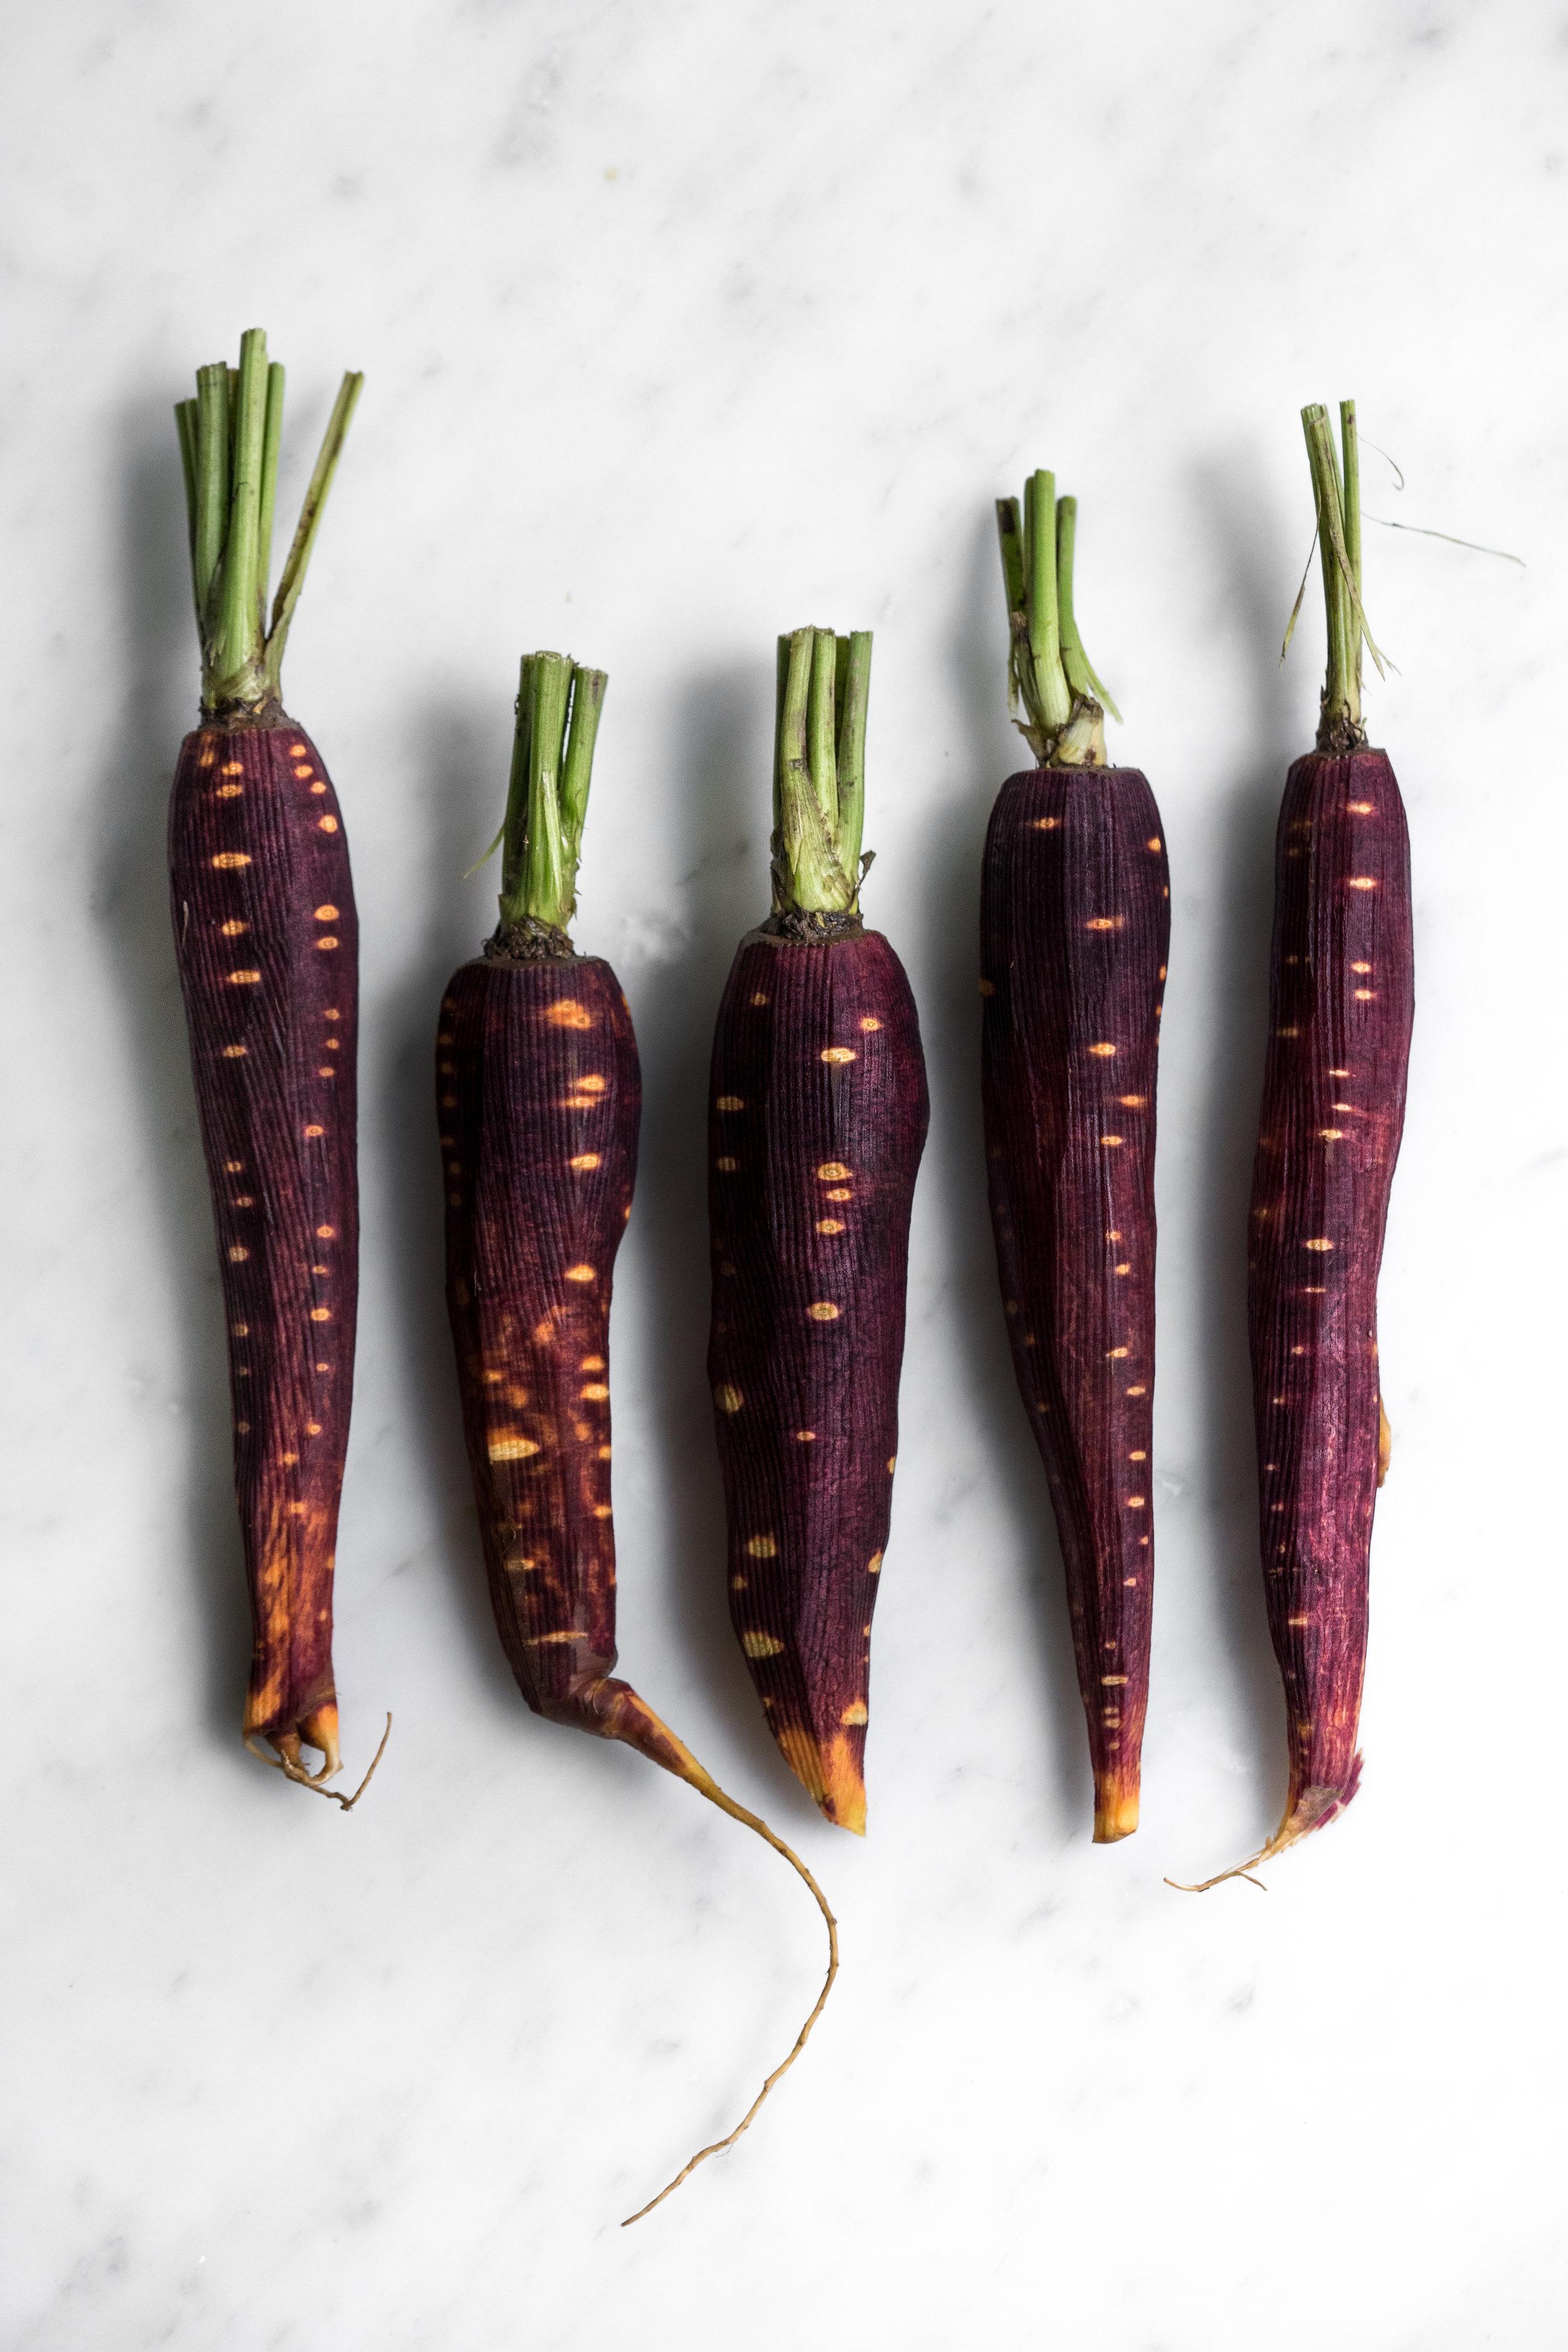 carrot quinoa-2-2.jpg